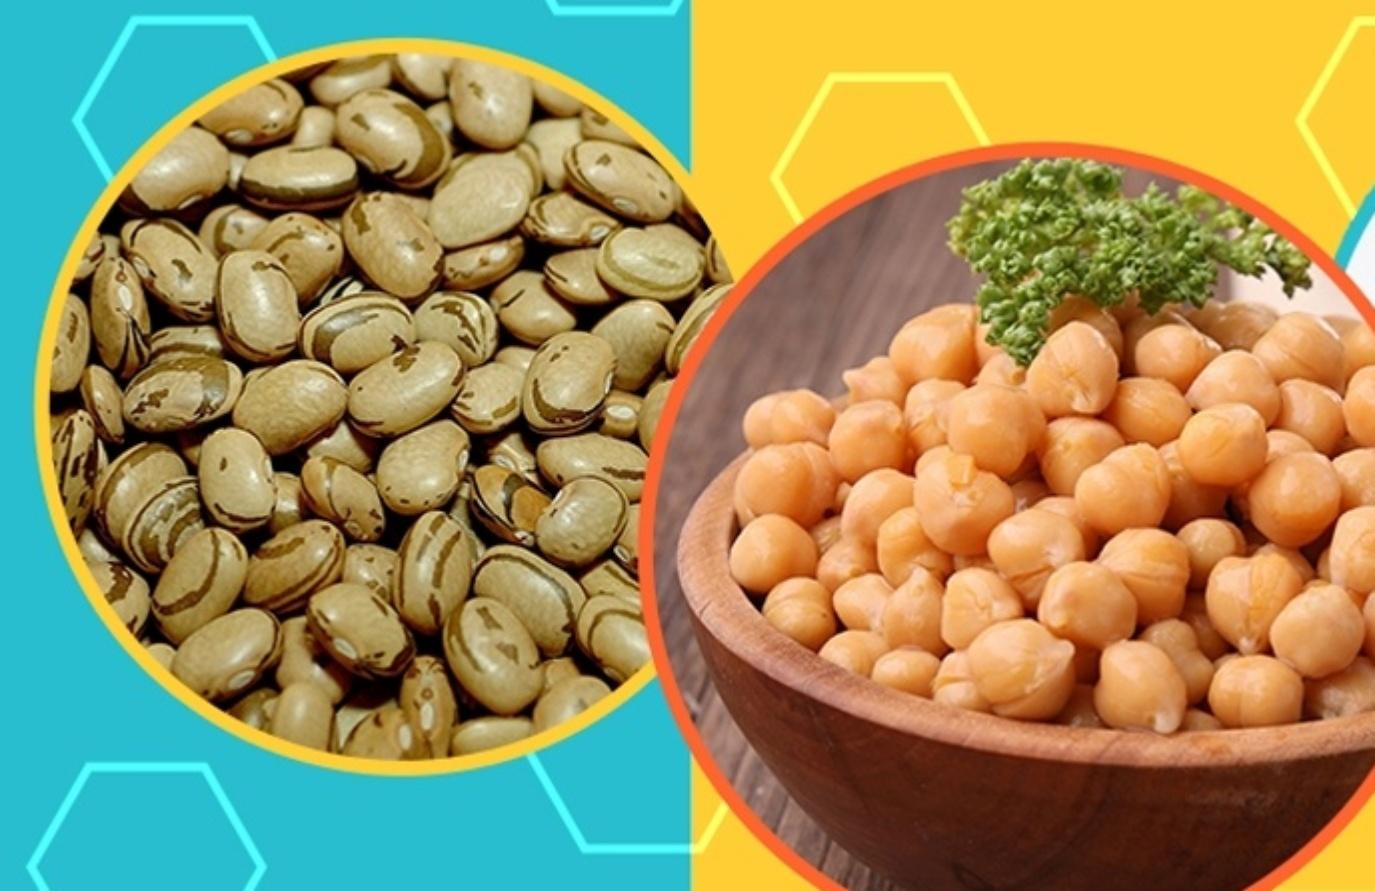 01347da21 Fotos  Conheça os 11 alimentos de origem vegetal mais ricos em ...